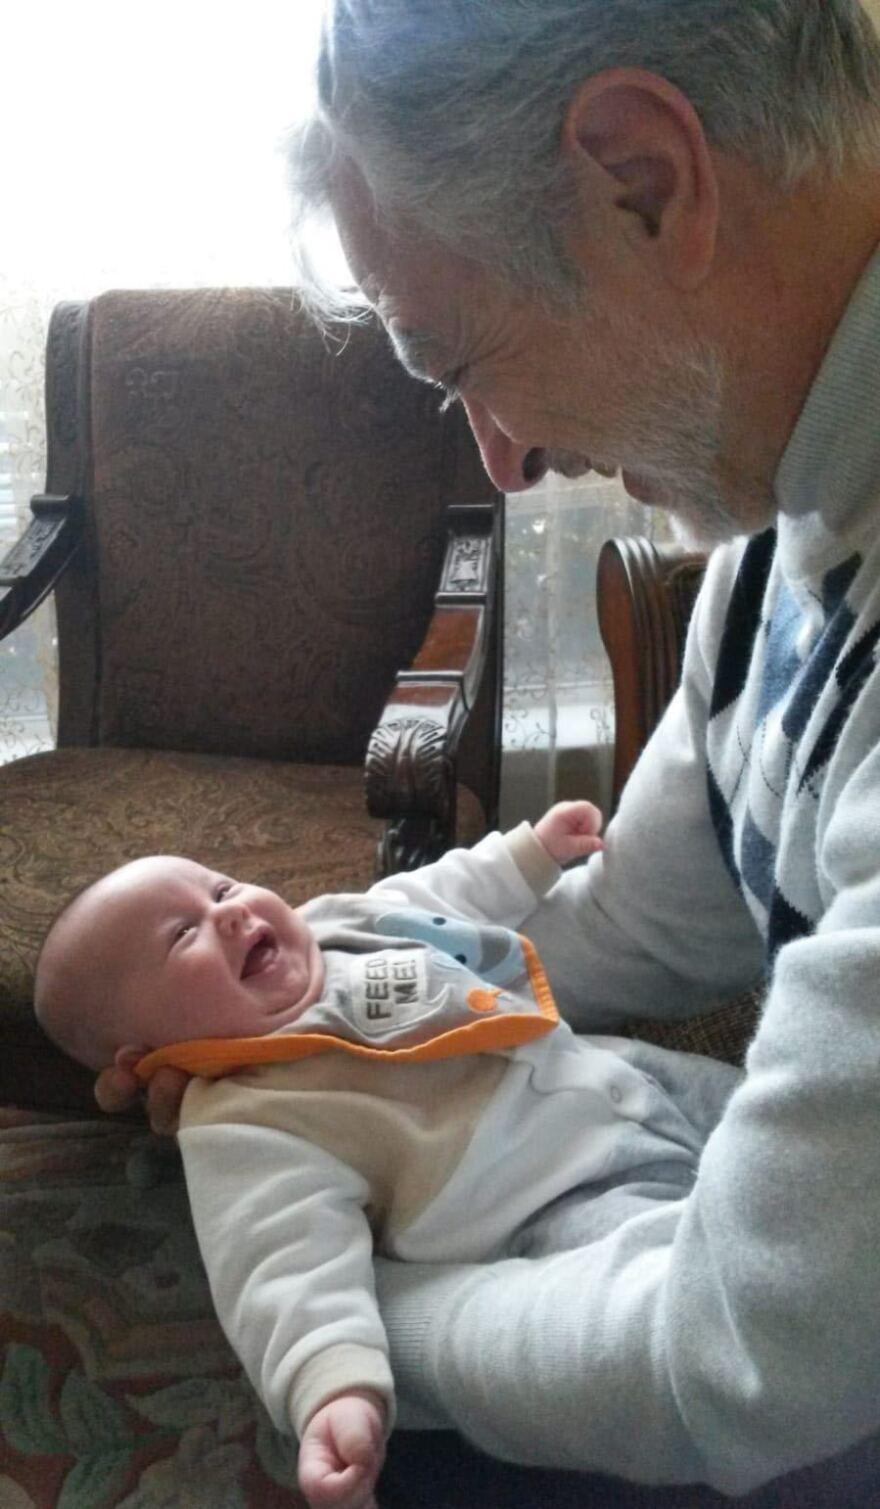 Majd Kamalmaz holds his grandchild in Texas in 2015.